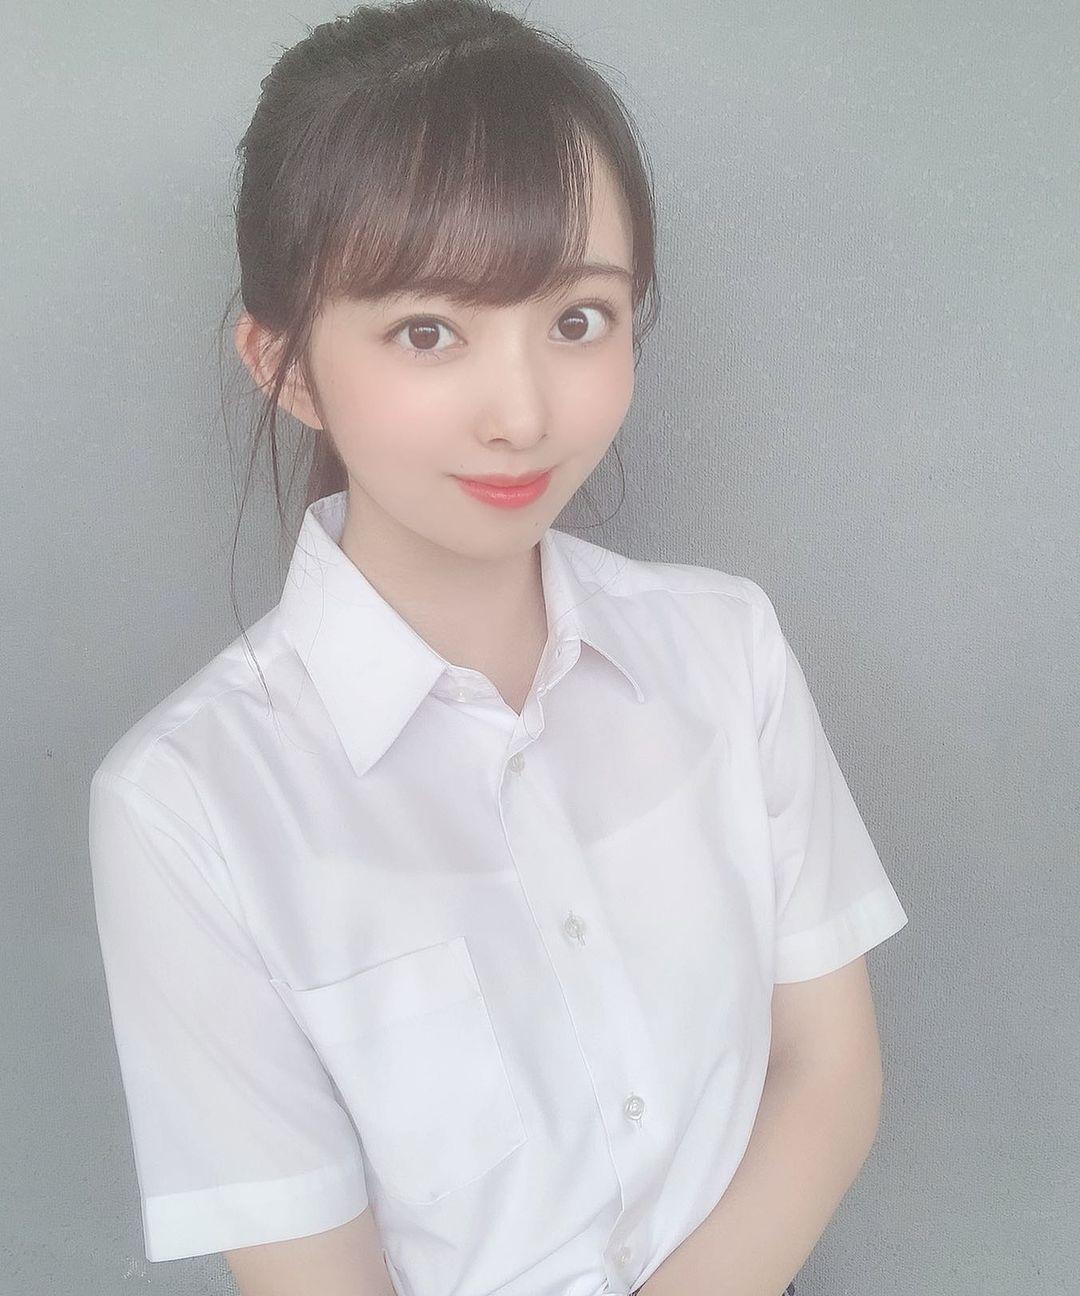 天然系美女冢田百々花自然甜笑散发梦幻气息